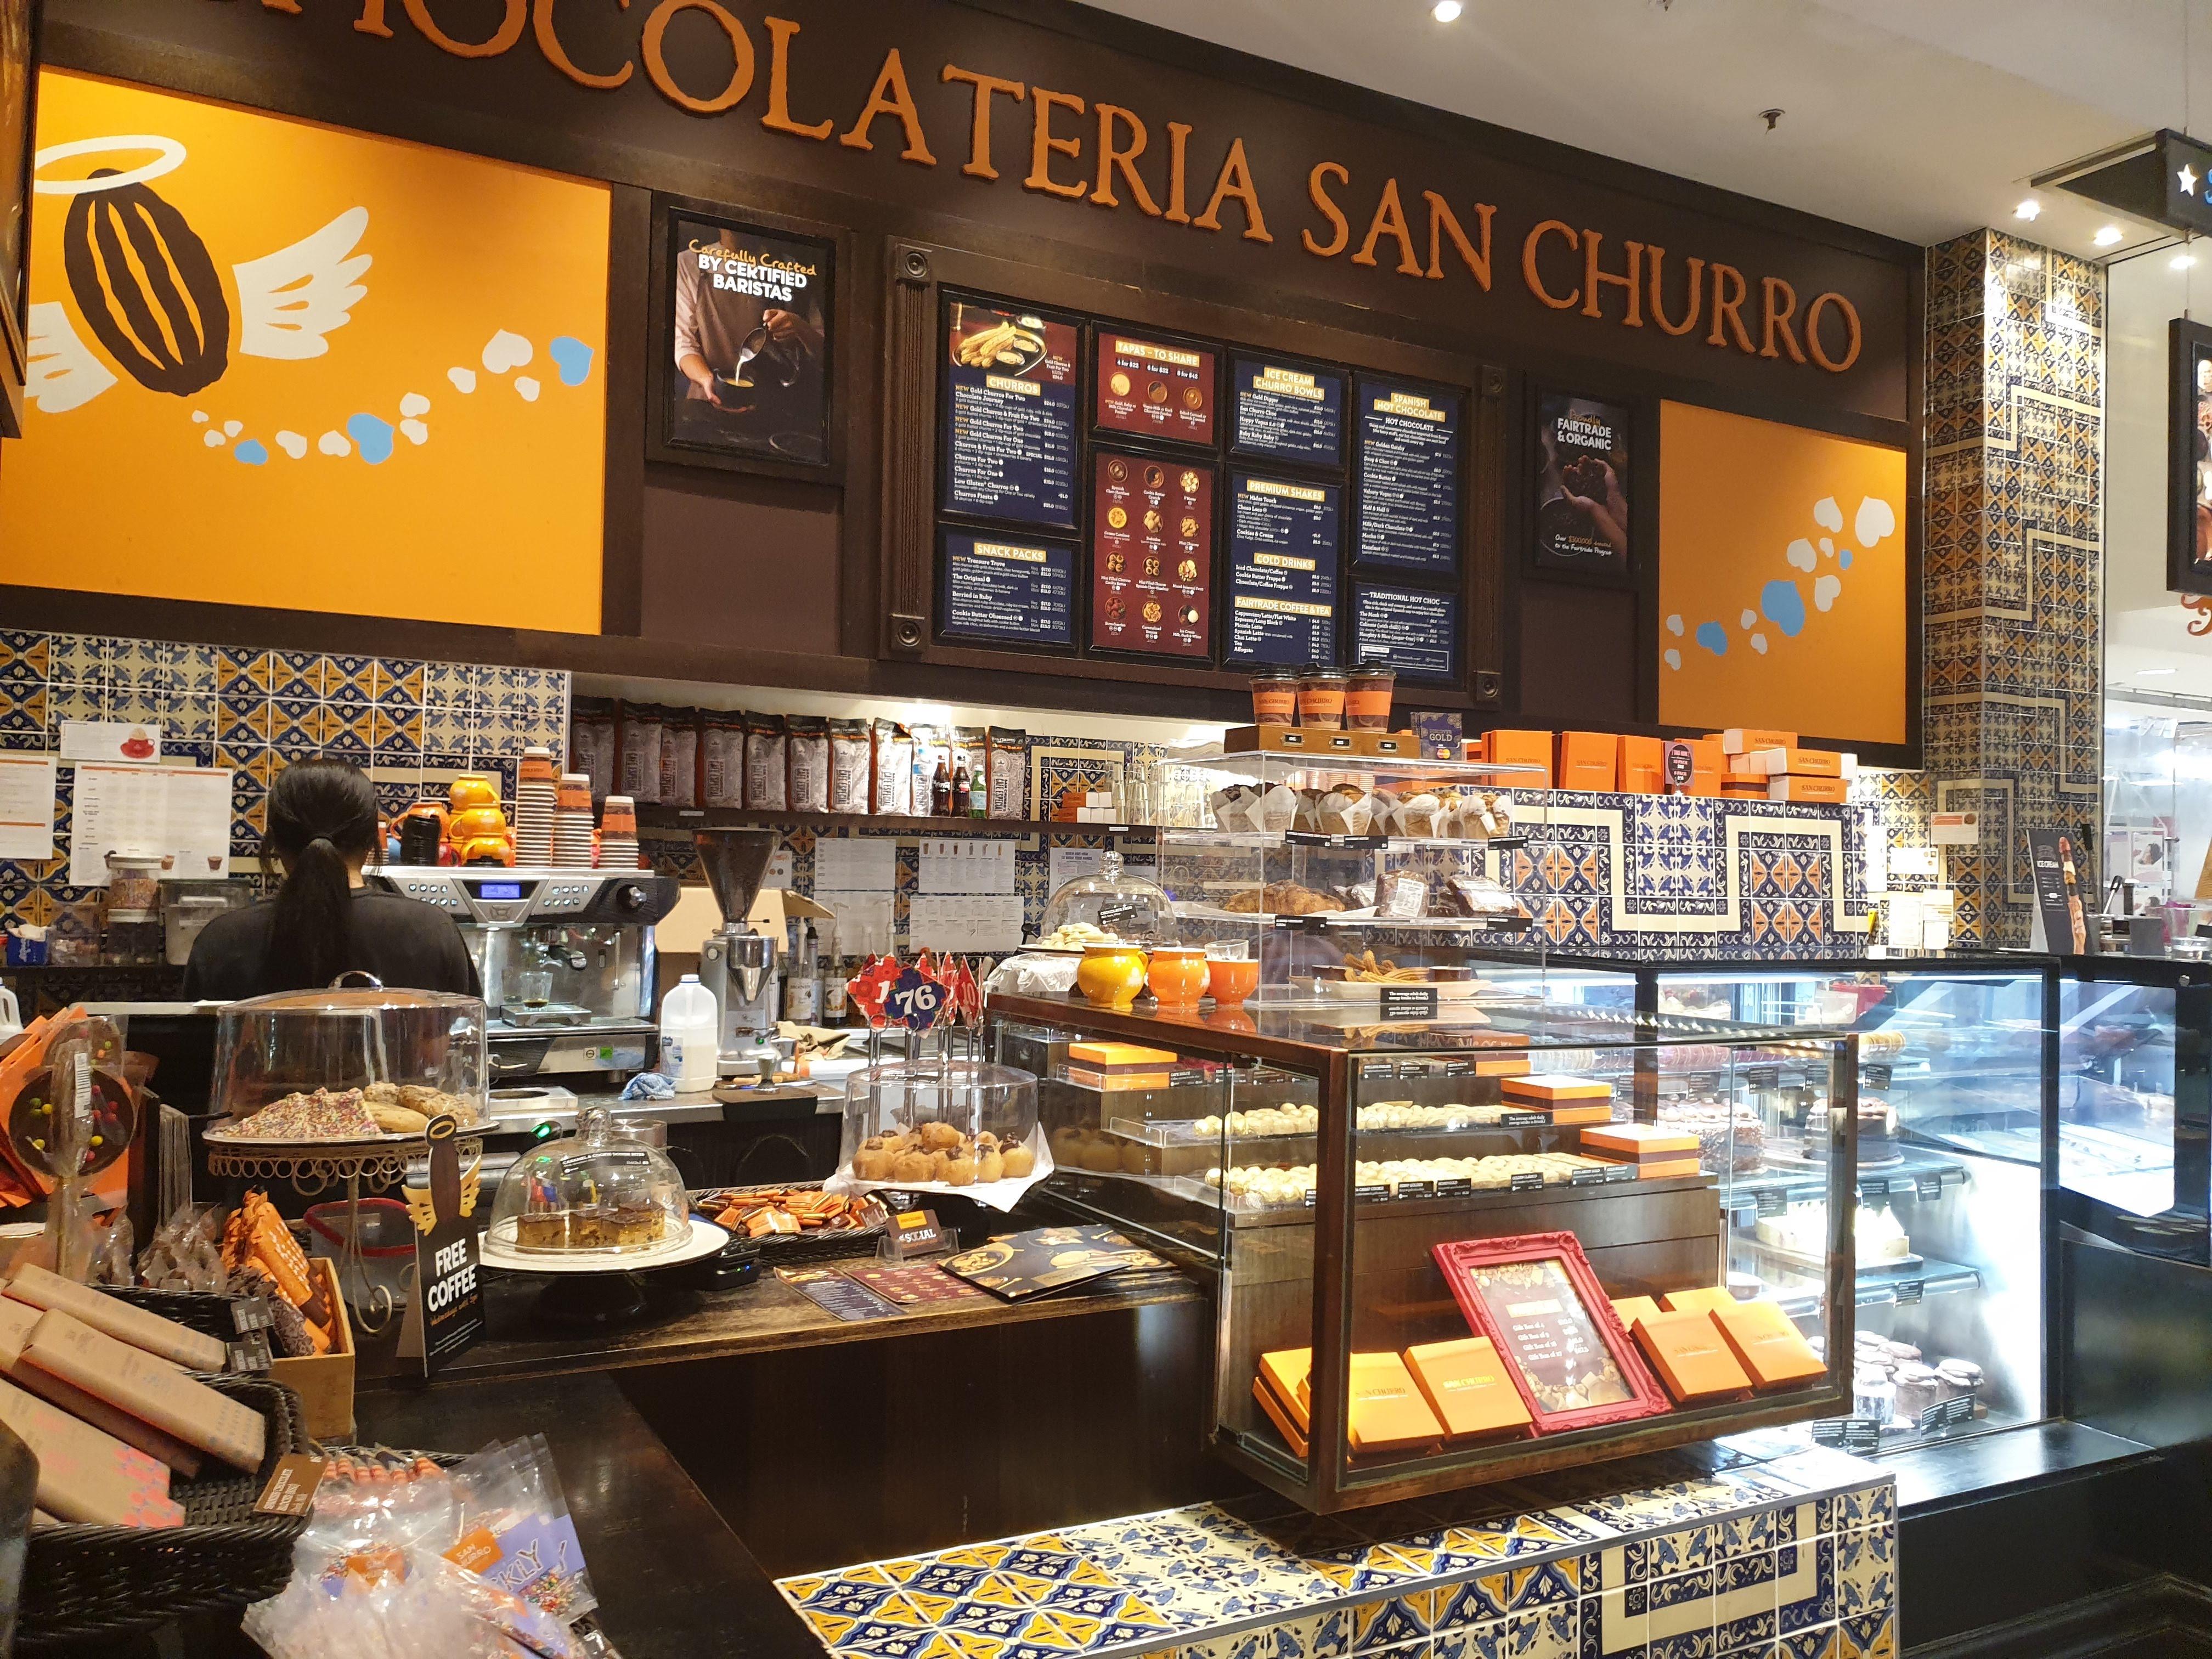 チョコレートとチュロスがおいしいスペインのチェーンカフェ『サンチュロ』